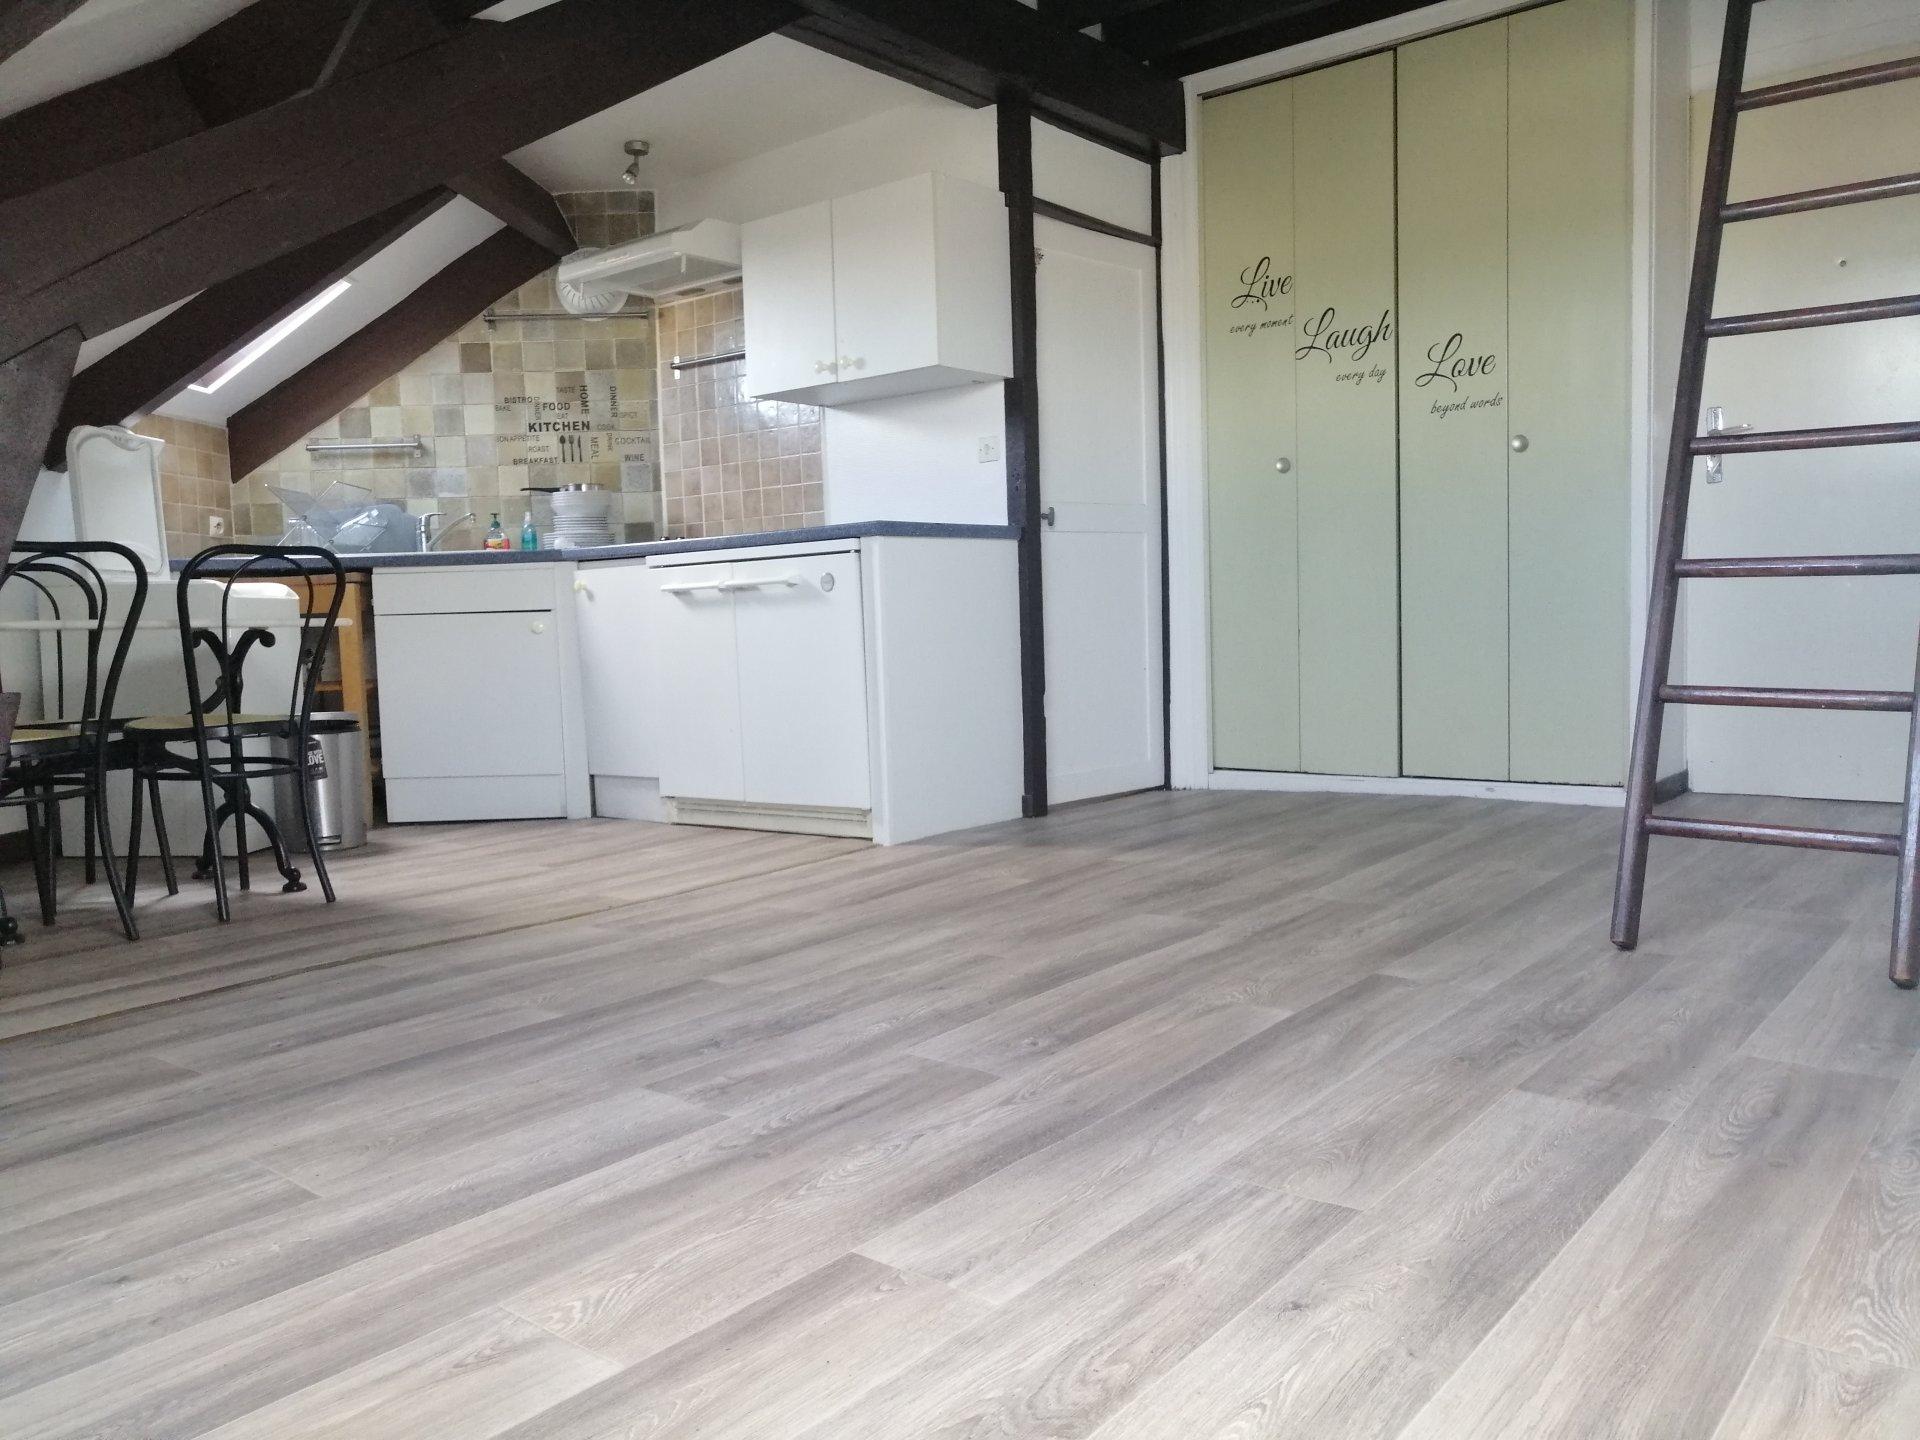 Studio - Chantilly Gare - 92 500 € FAI